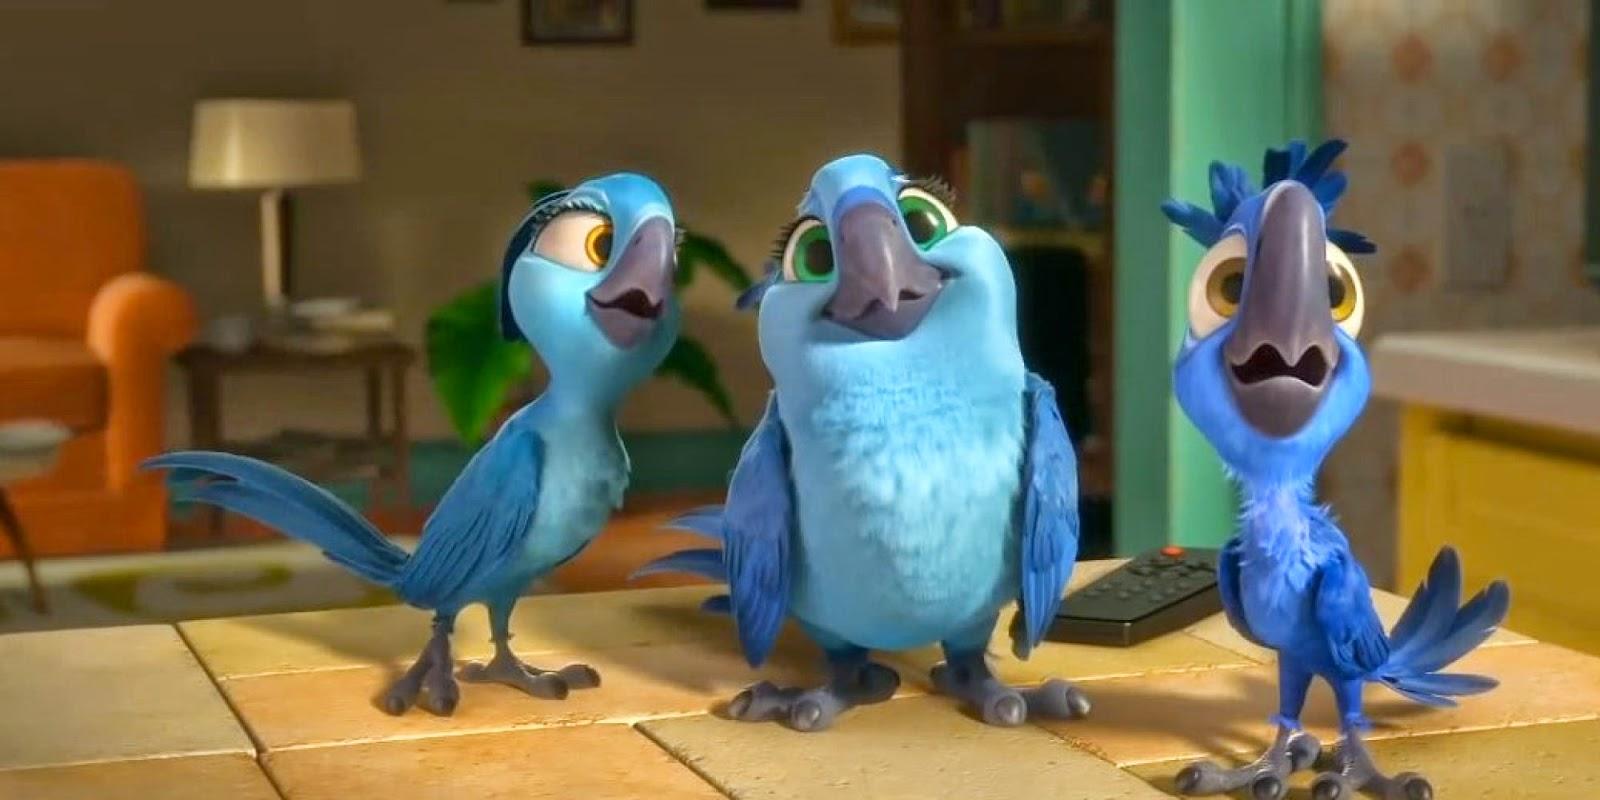 watch rio 2 (2014) movie online free   putlocker   megashare   viooz